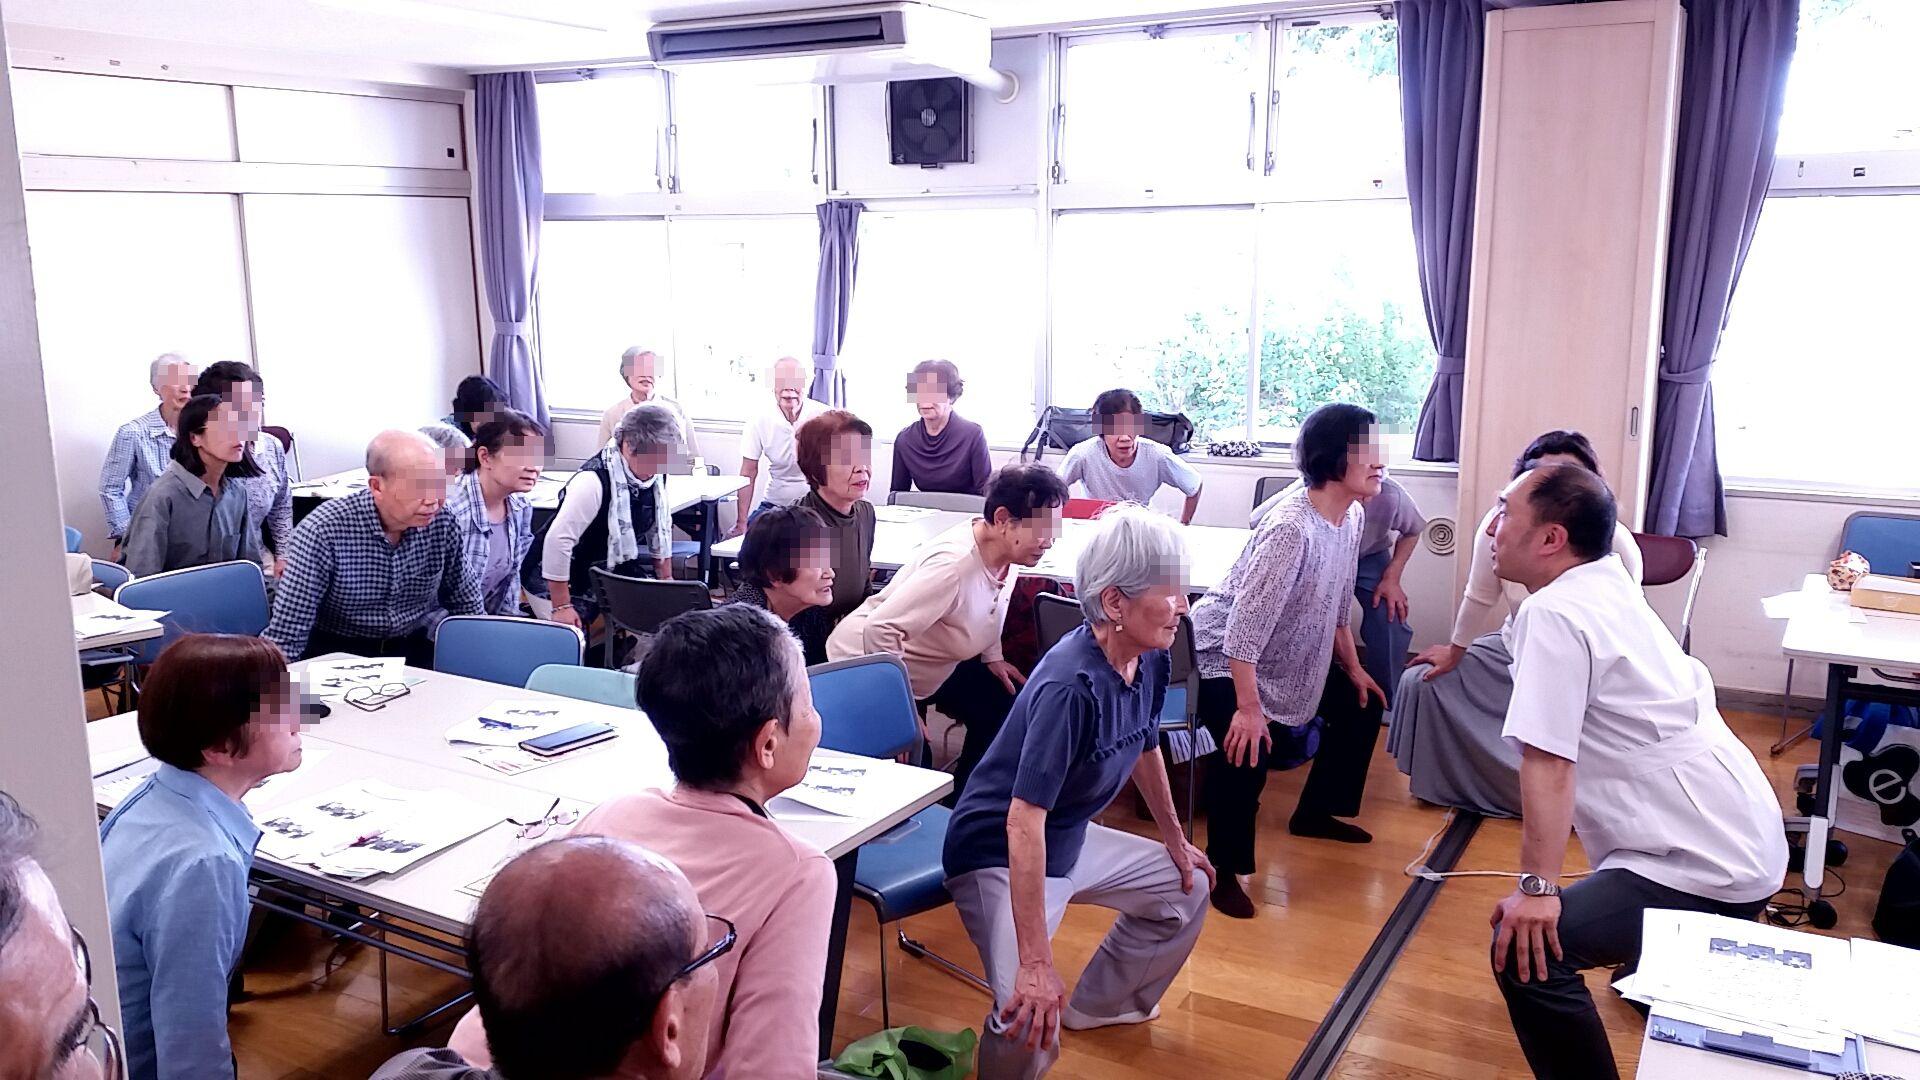 訪問マッサージ 東京在宅サービスの研修会活動/杉並区きずなサロン